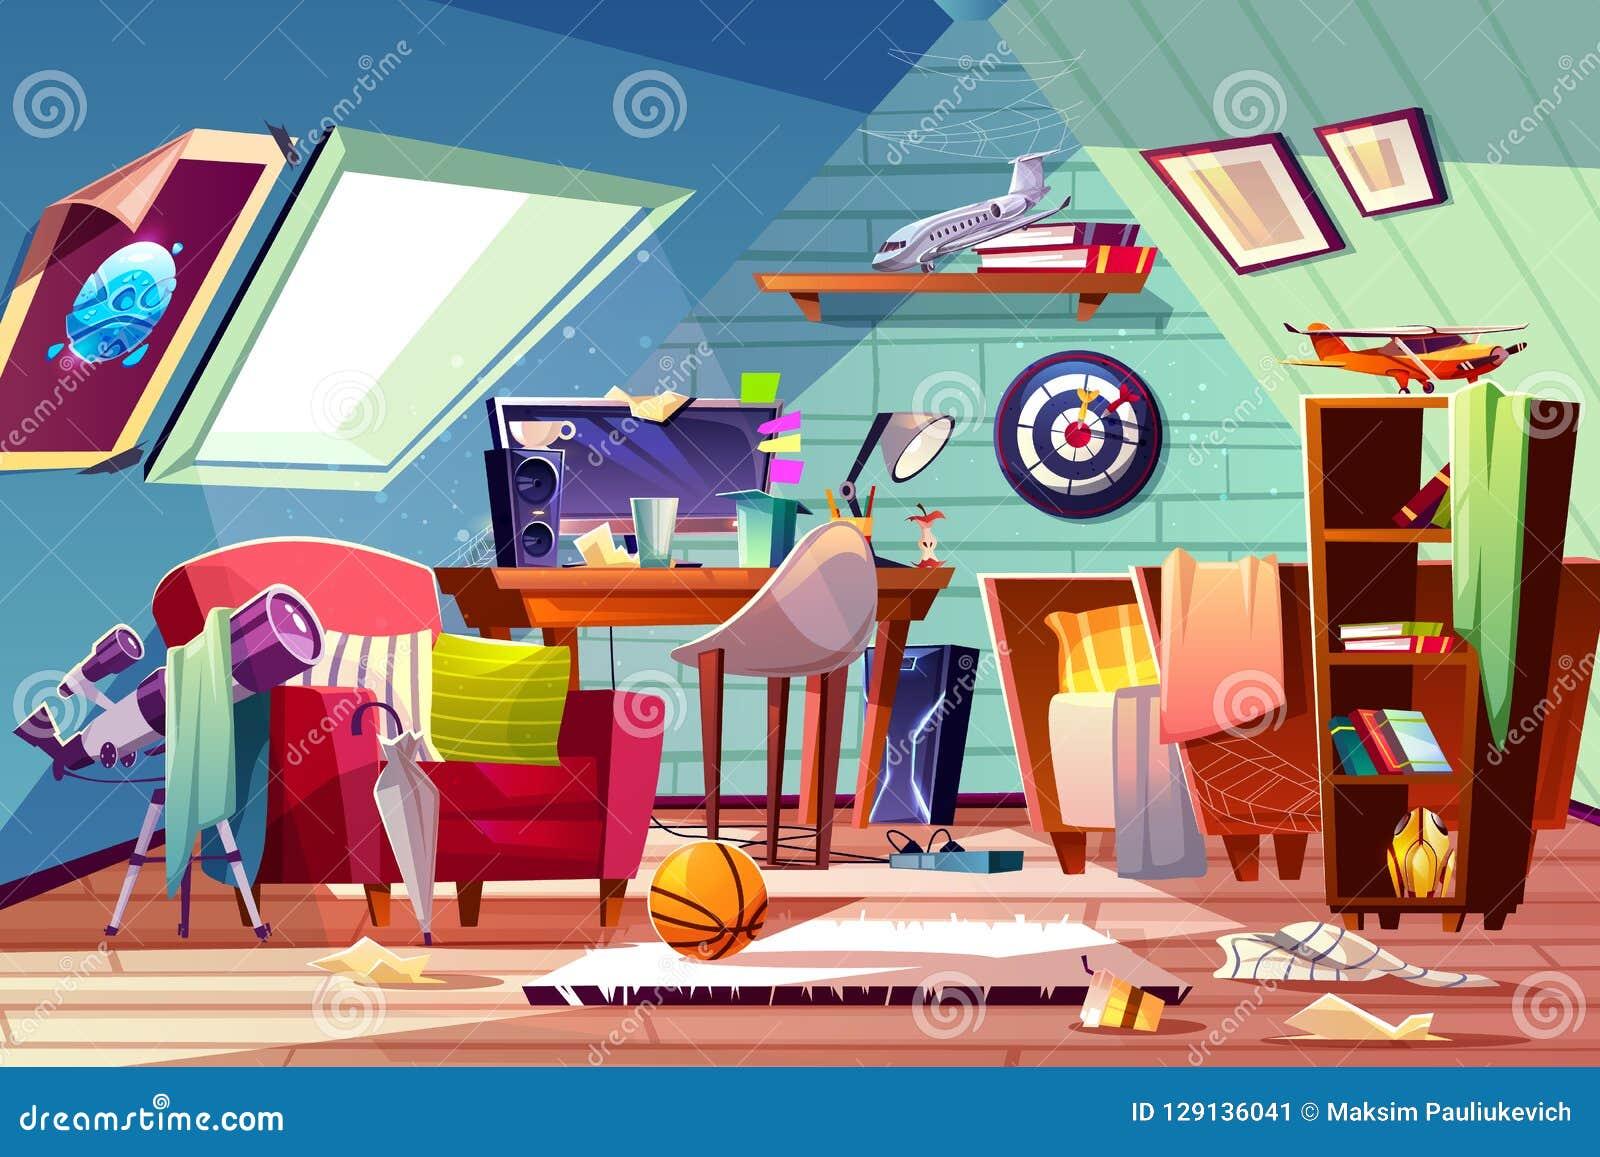 Vettore interno del fumetto del ragazzo della stanza sudicia teenager della soffitta